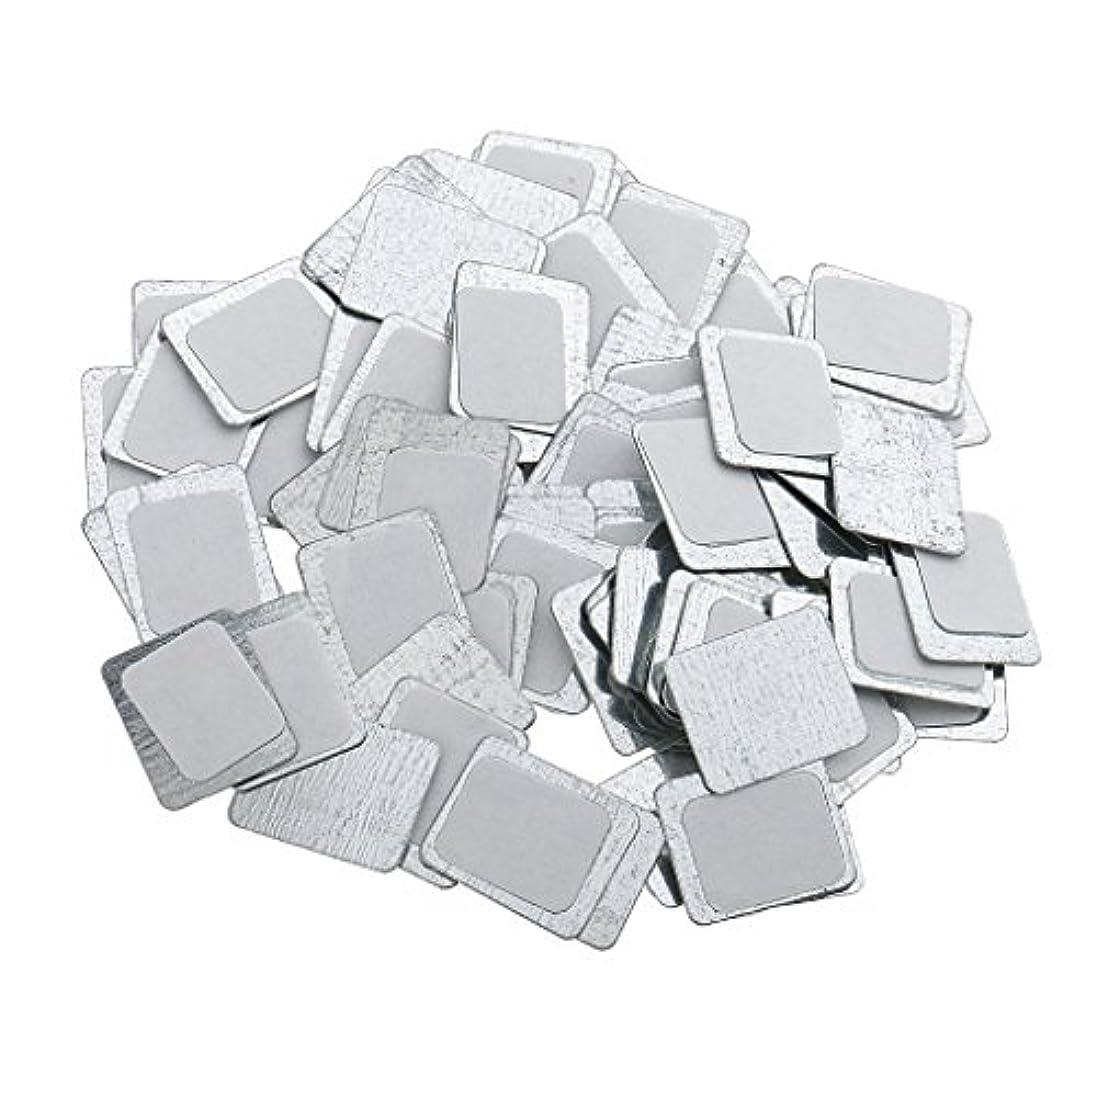 完璧行き当たりばったり代表するKesoto 約100個 メイクアップパン 空パン アイシャドー ブラッシュ メイクアップ 磁気パレットボックスケース 2タイプ選べ - スクエア